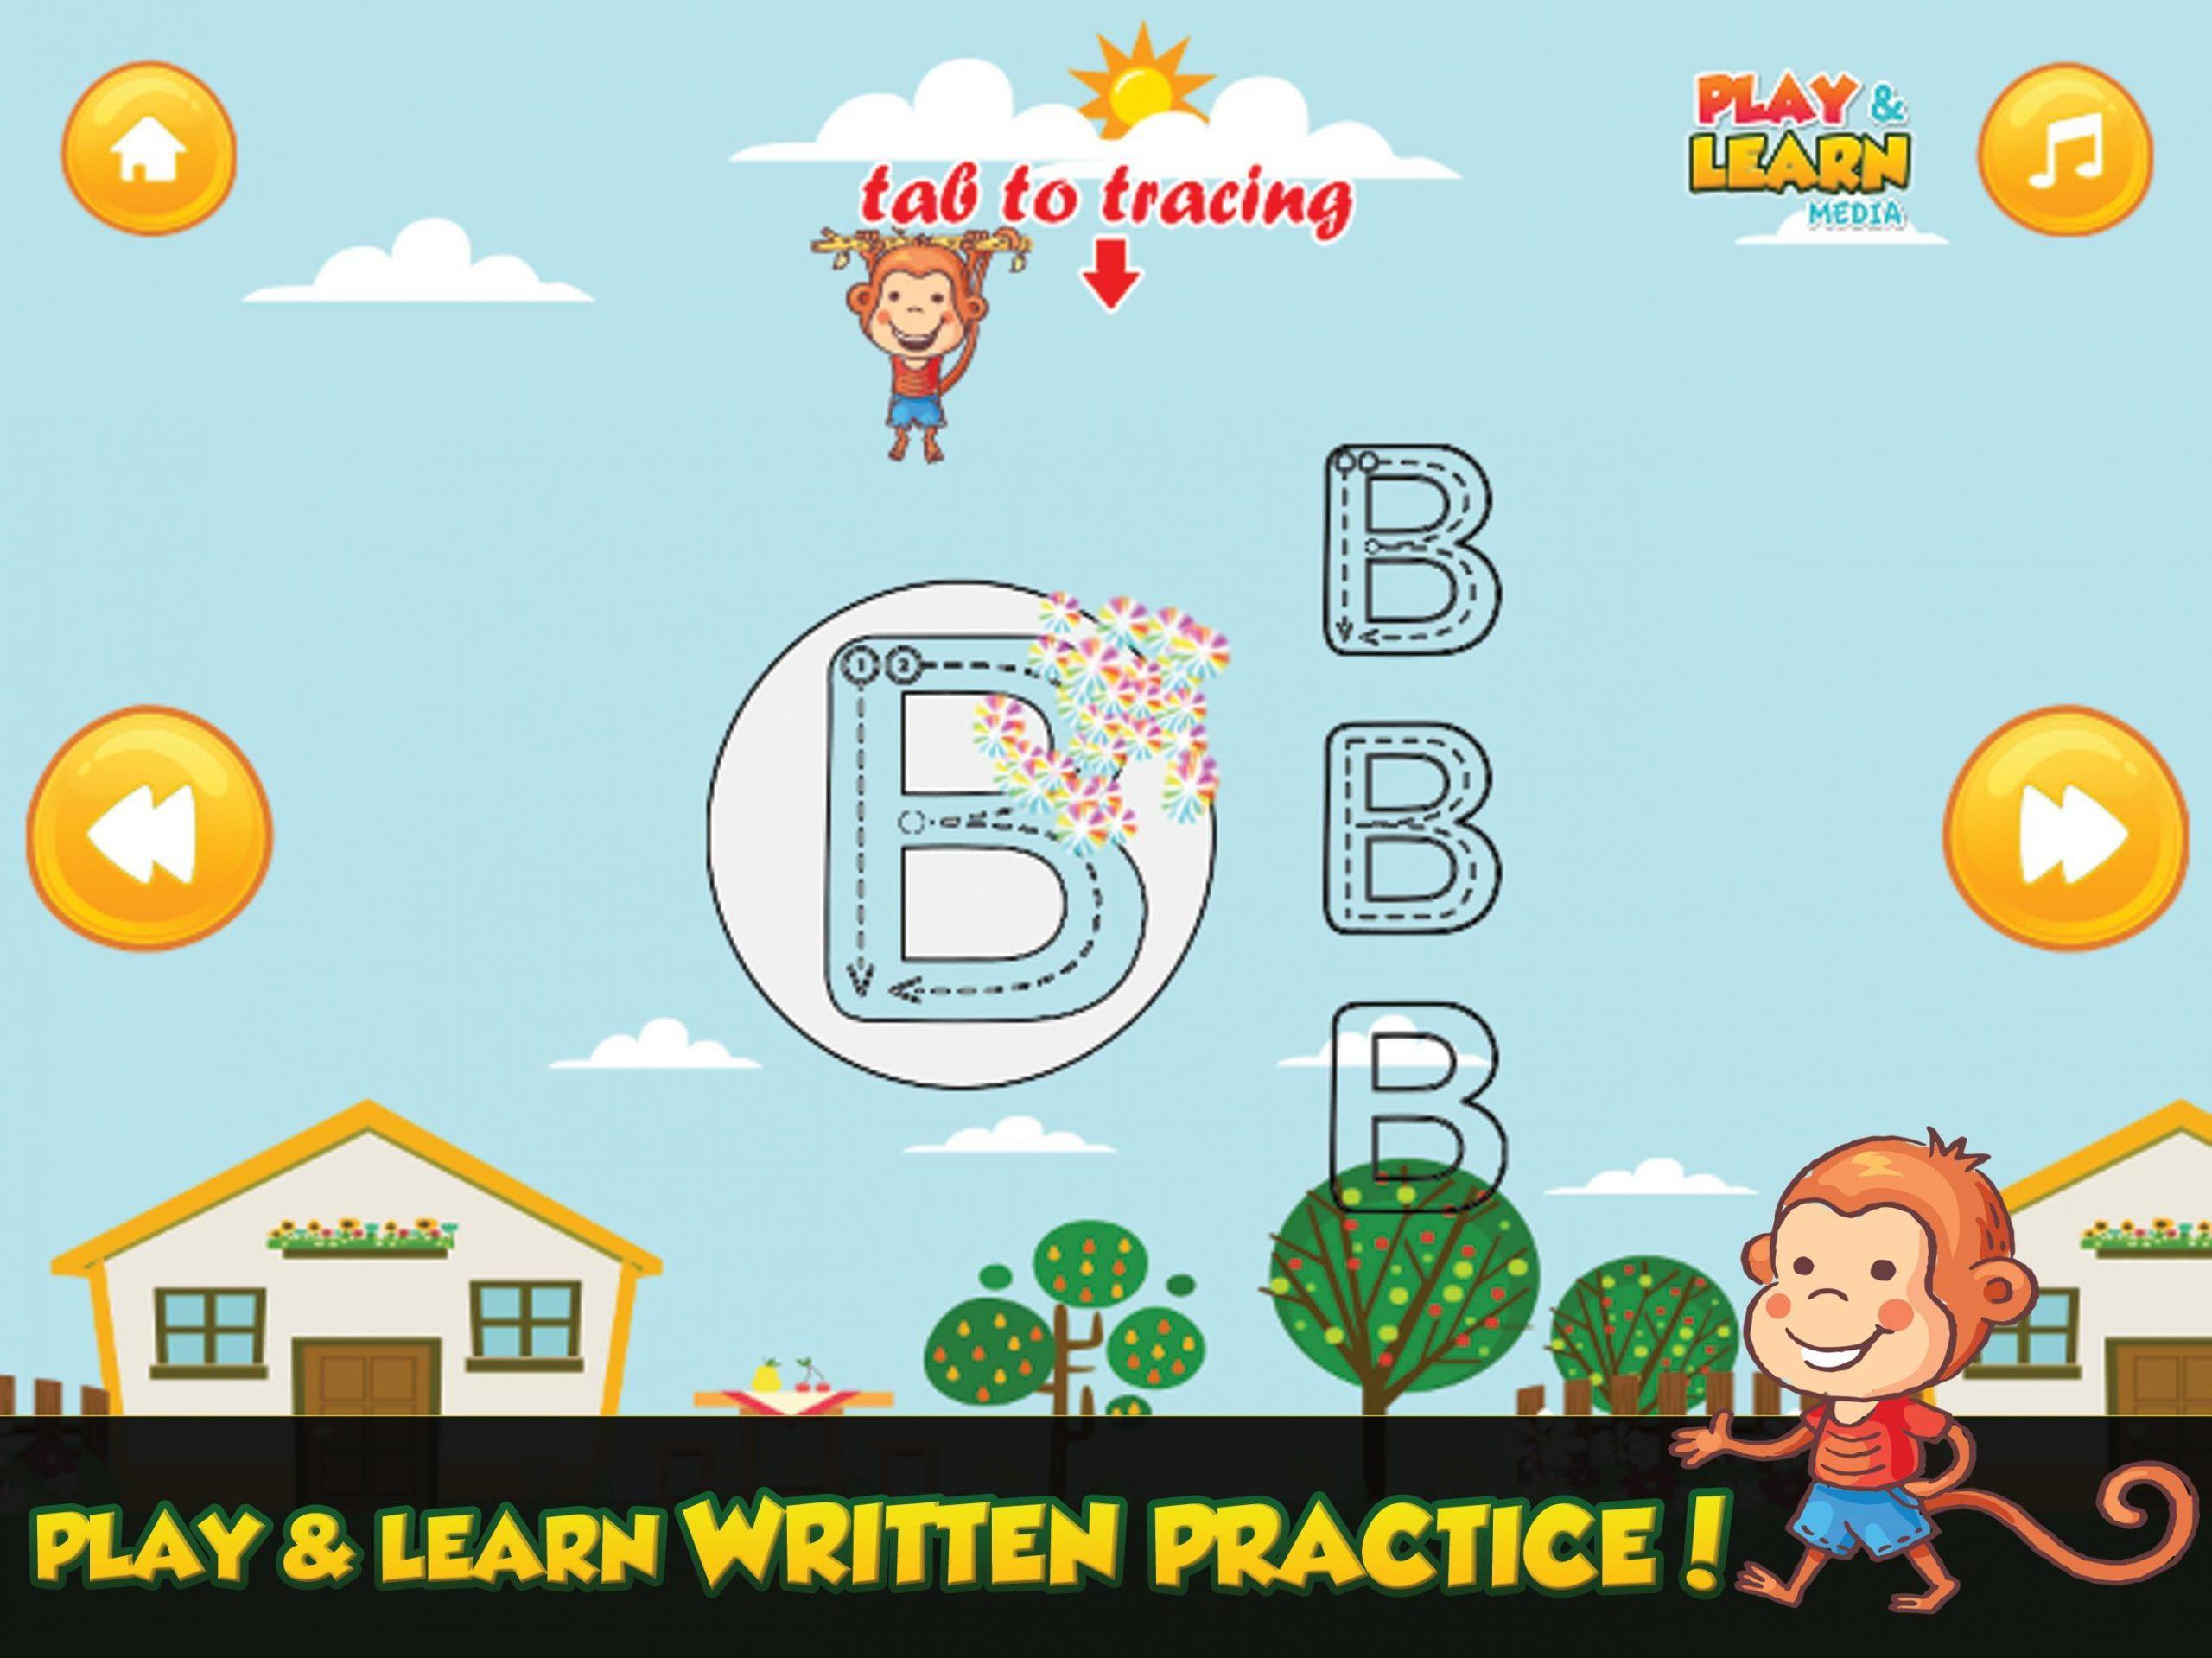 Jeux D'apprentissage Pour Petits Enfants Pour Android intérieur Jeux Pour Petit Enfant